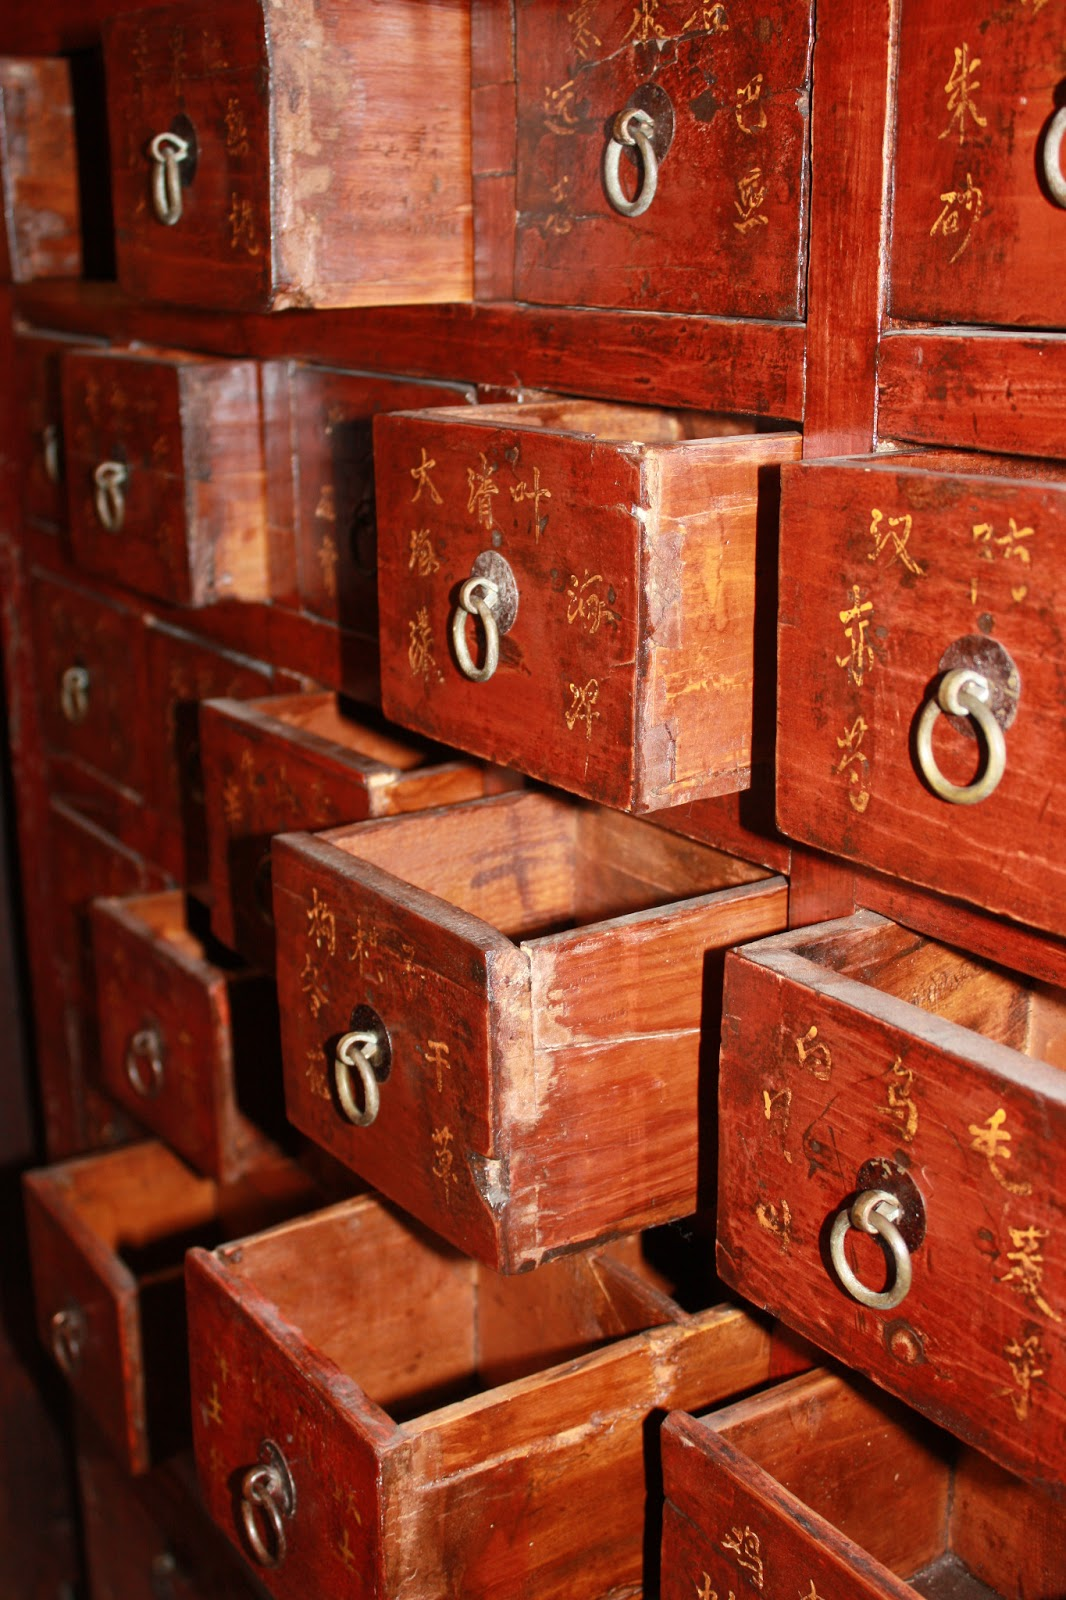 El globo muebles la versatilidad del mueble asi tico - La factoria del mueble ...